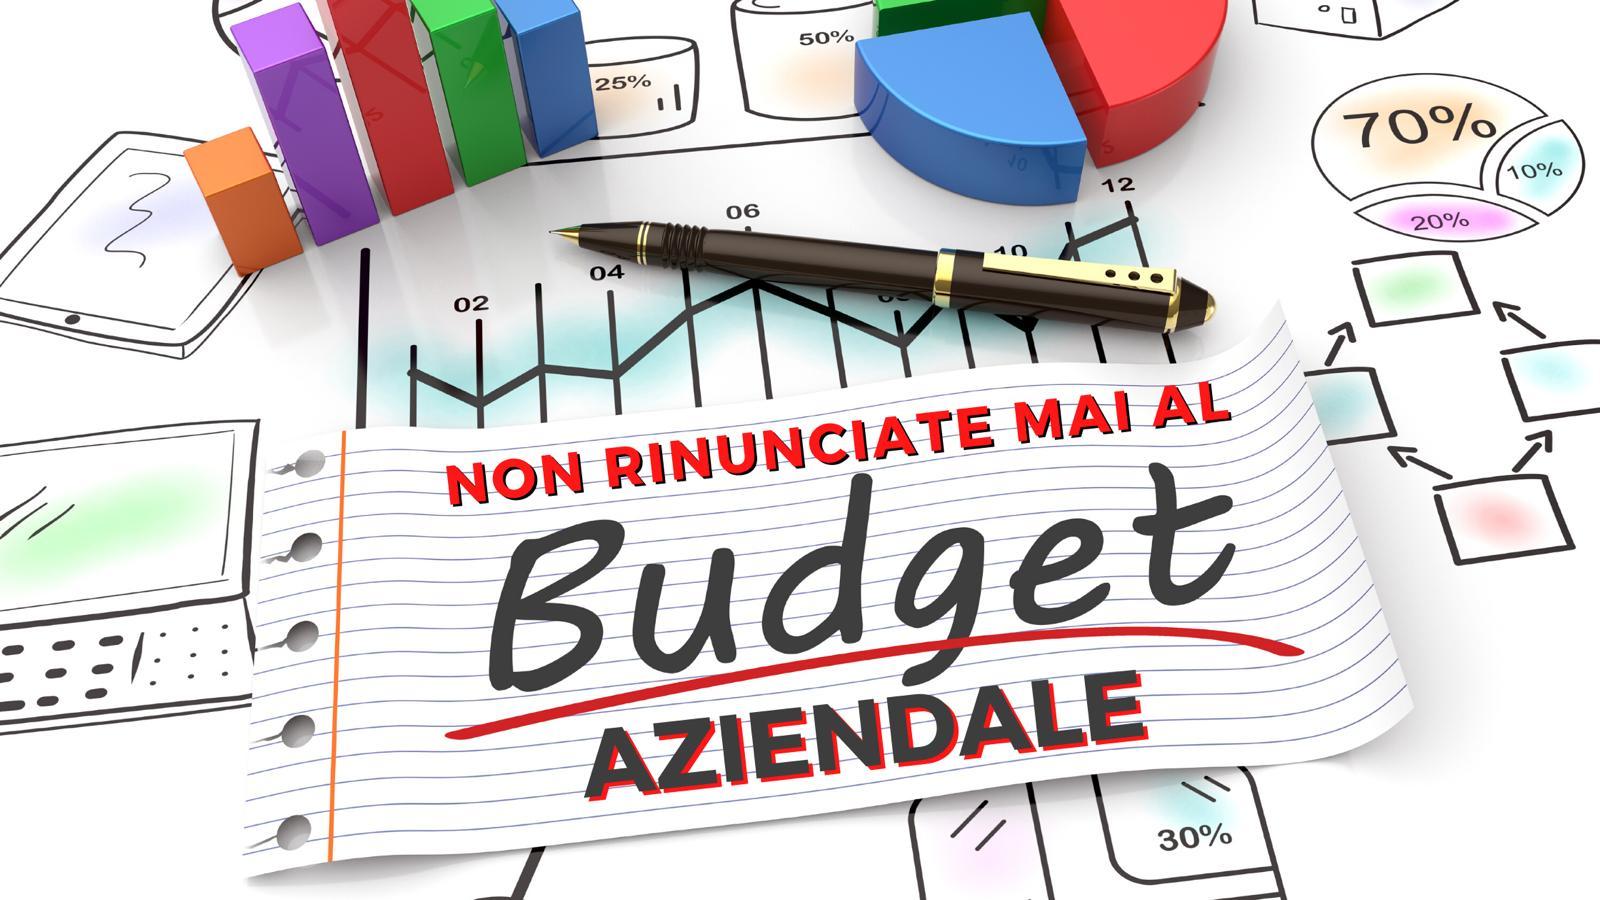 Non rinunciate mai al Budget aziendale! Fissa gli obiettivi e genera valore